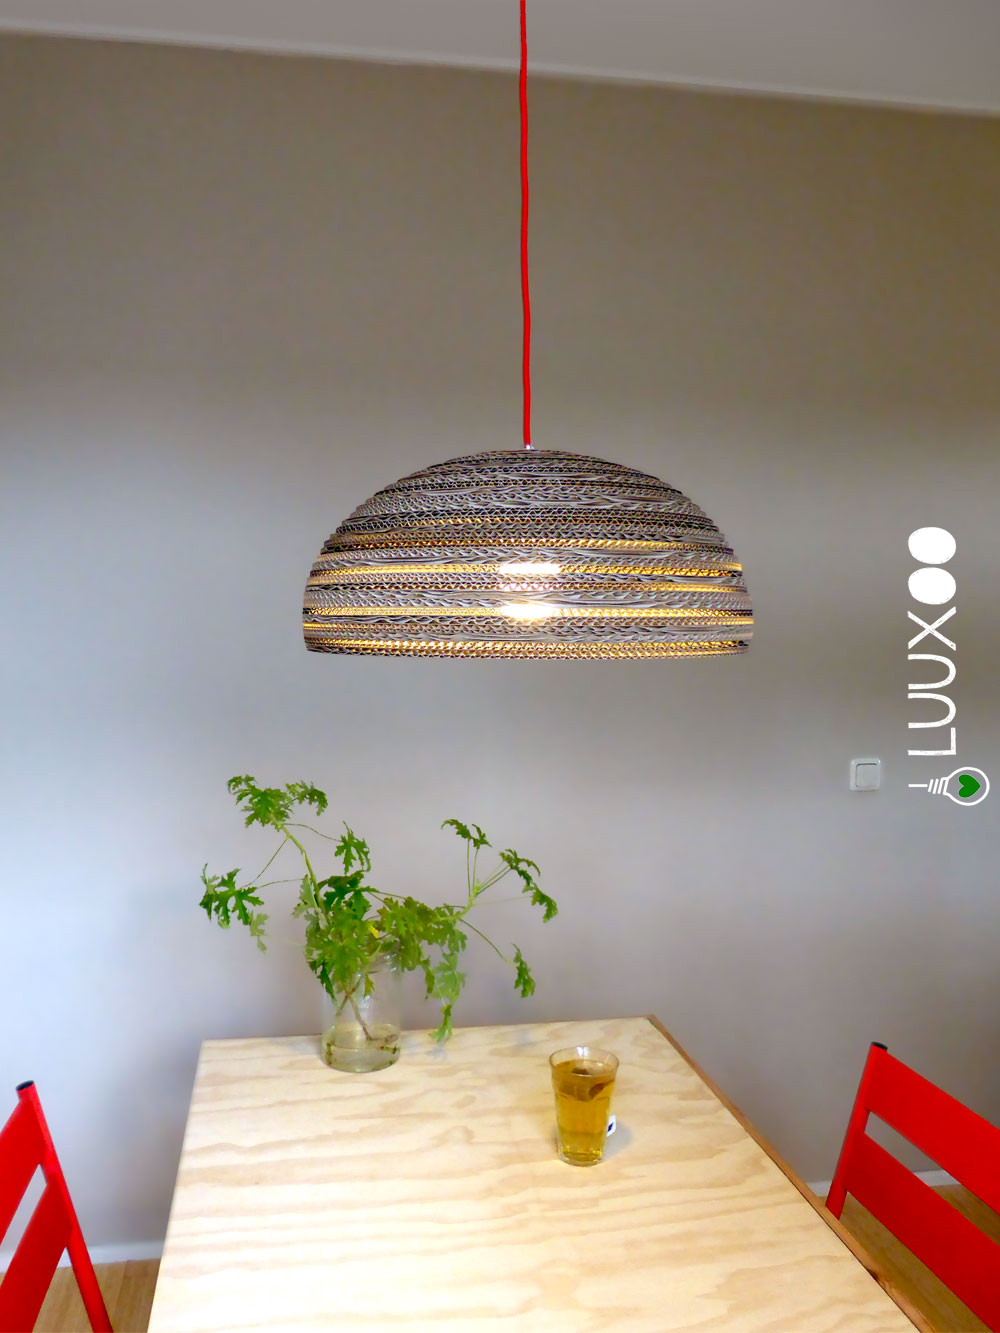 luuxoo-kartonnen-eettafel-lamp-claro-light-style-front-rs